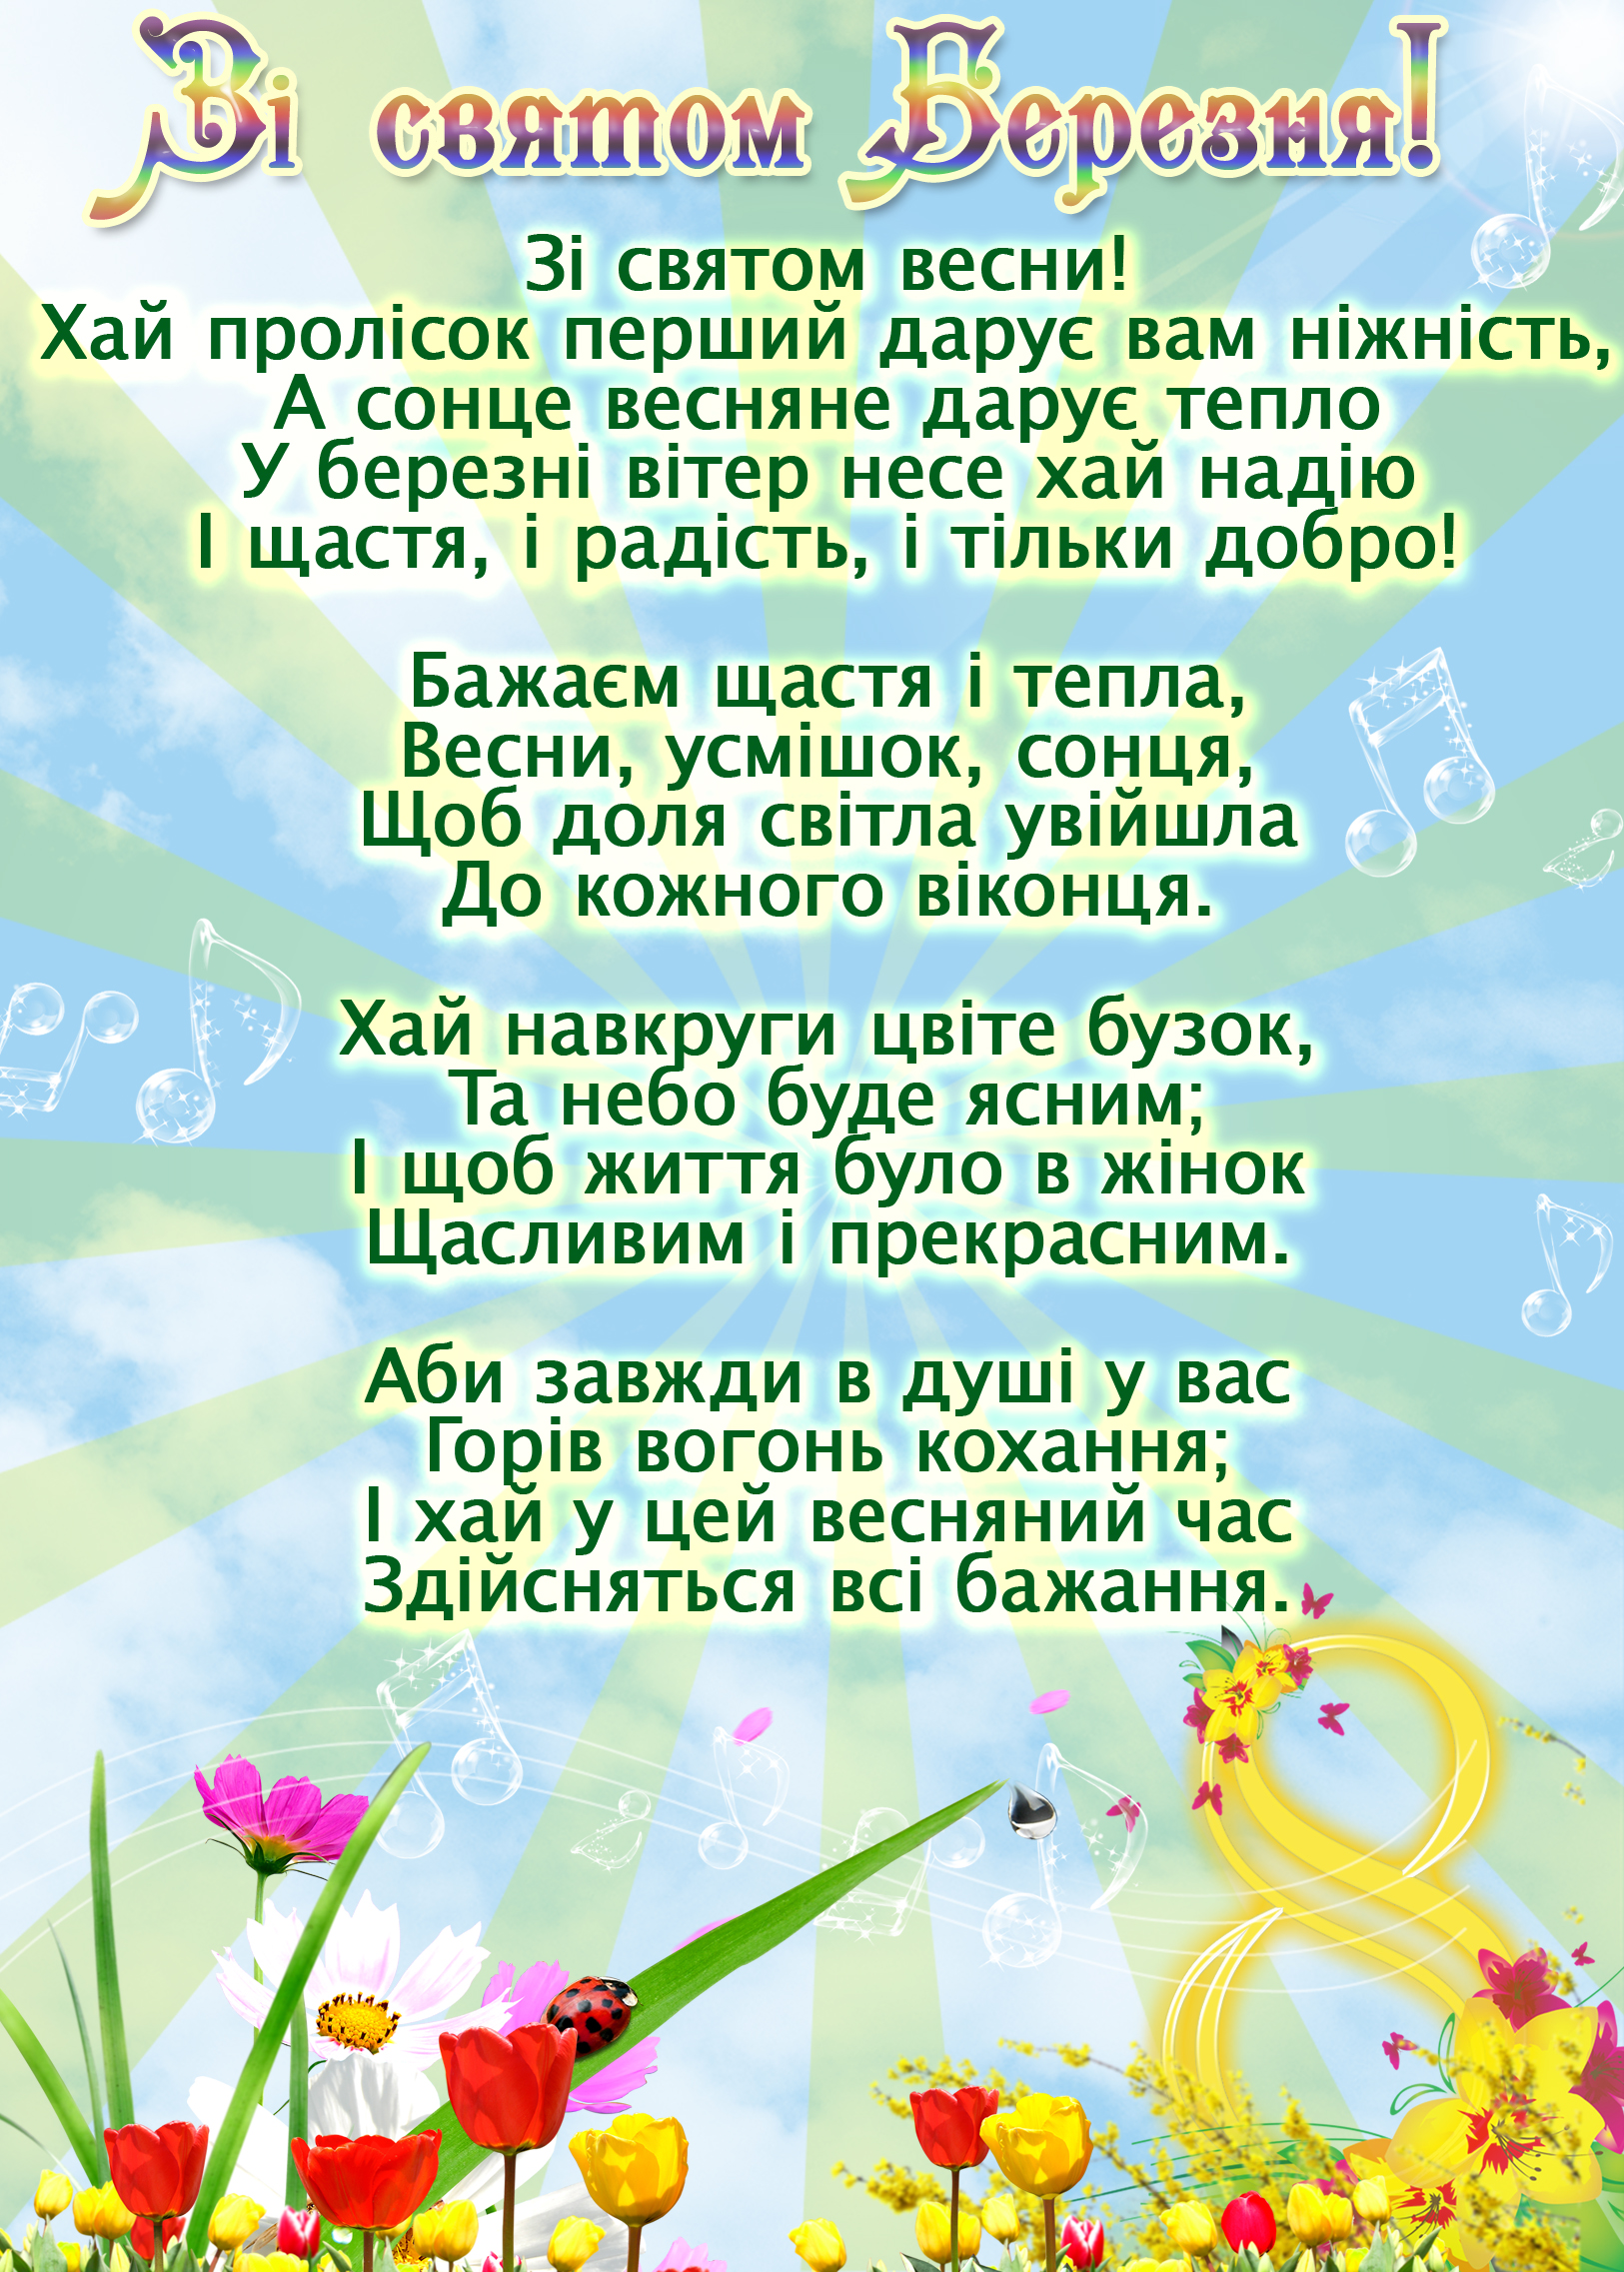 Поздравление бабушке днем рождения на украинском языке